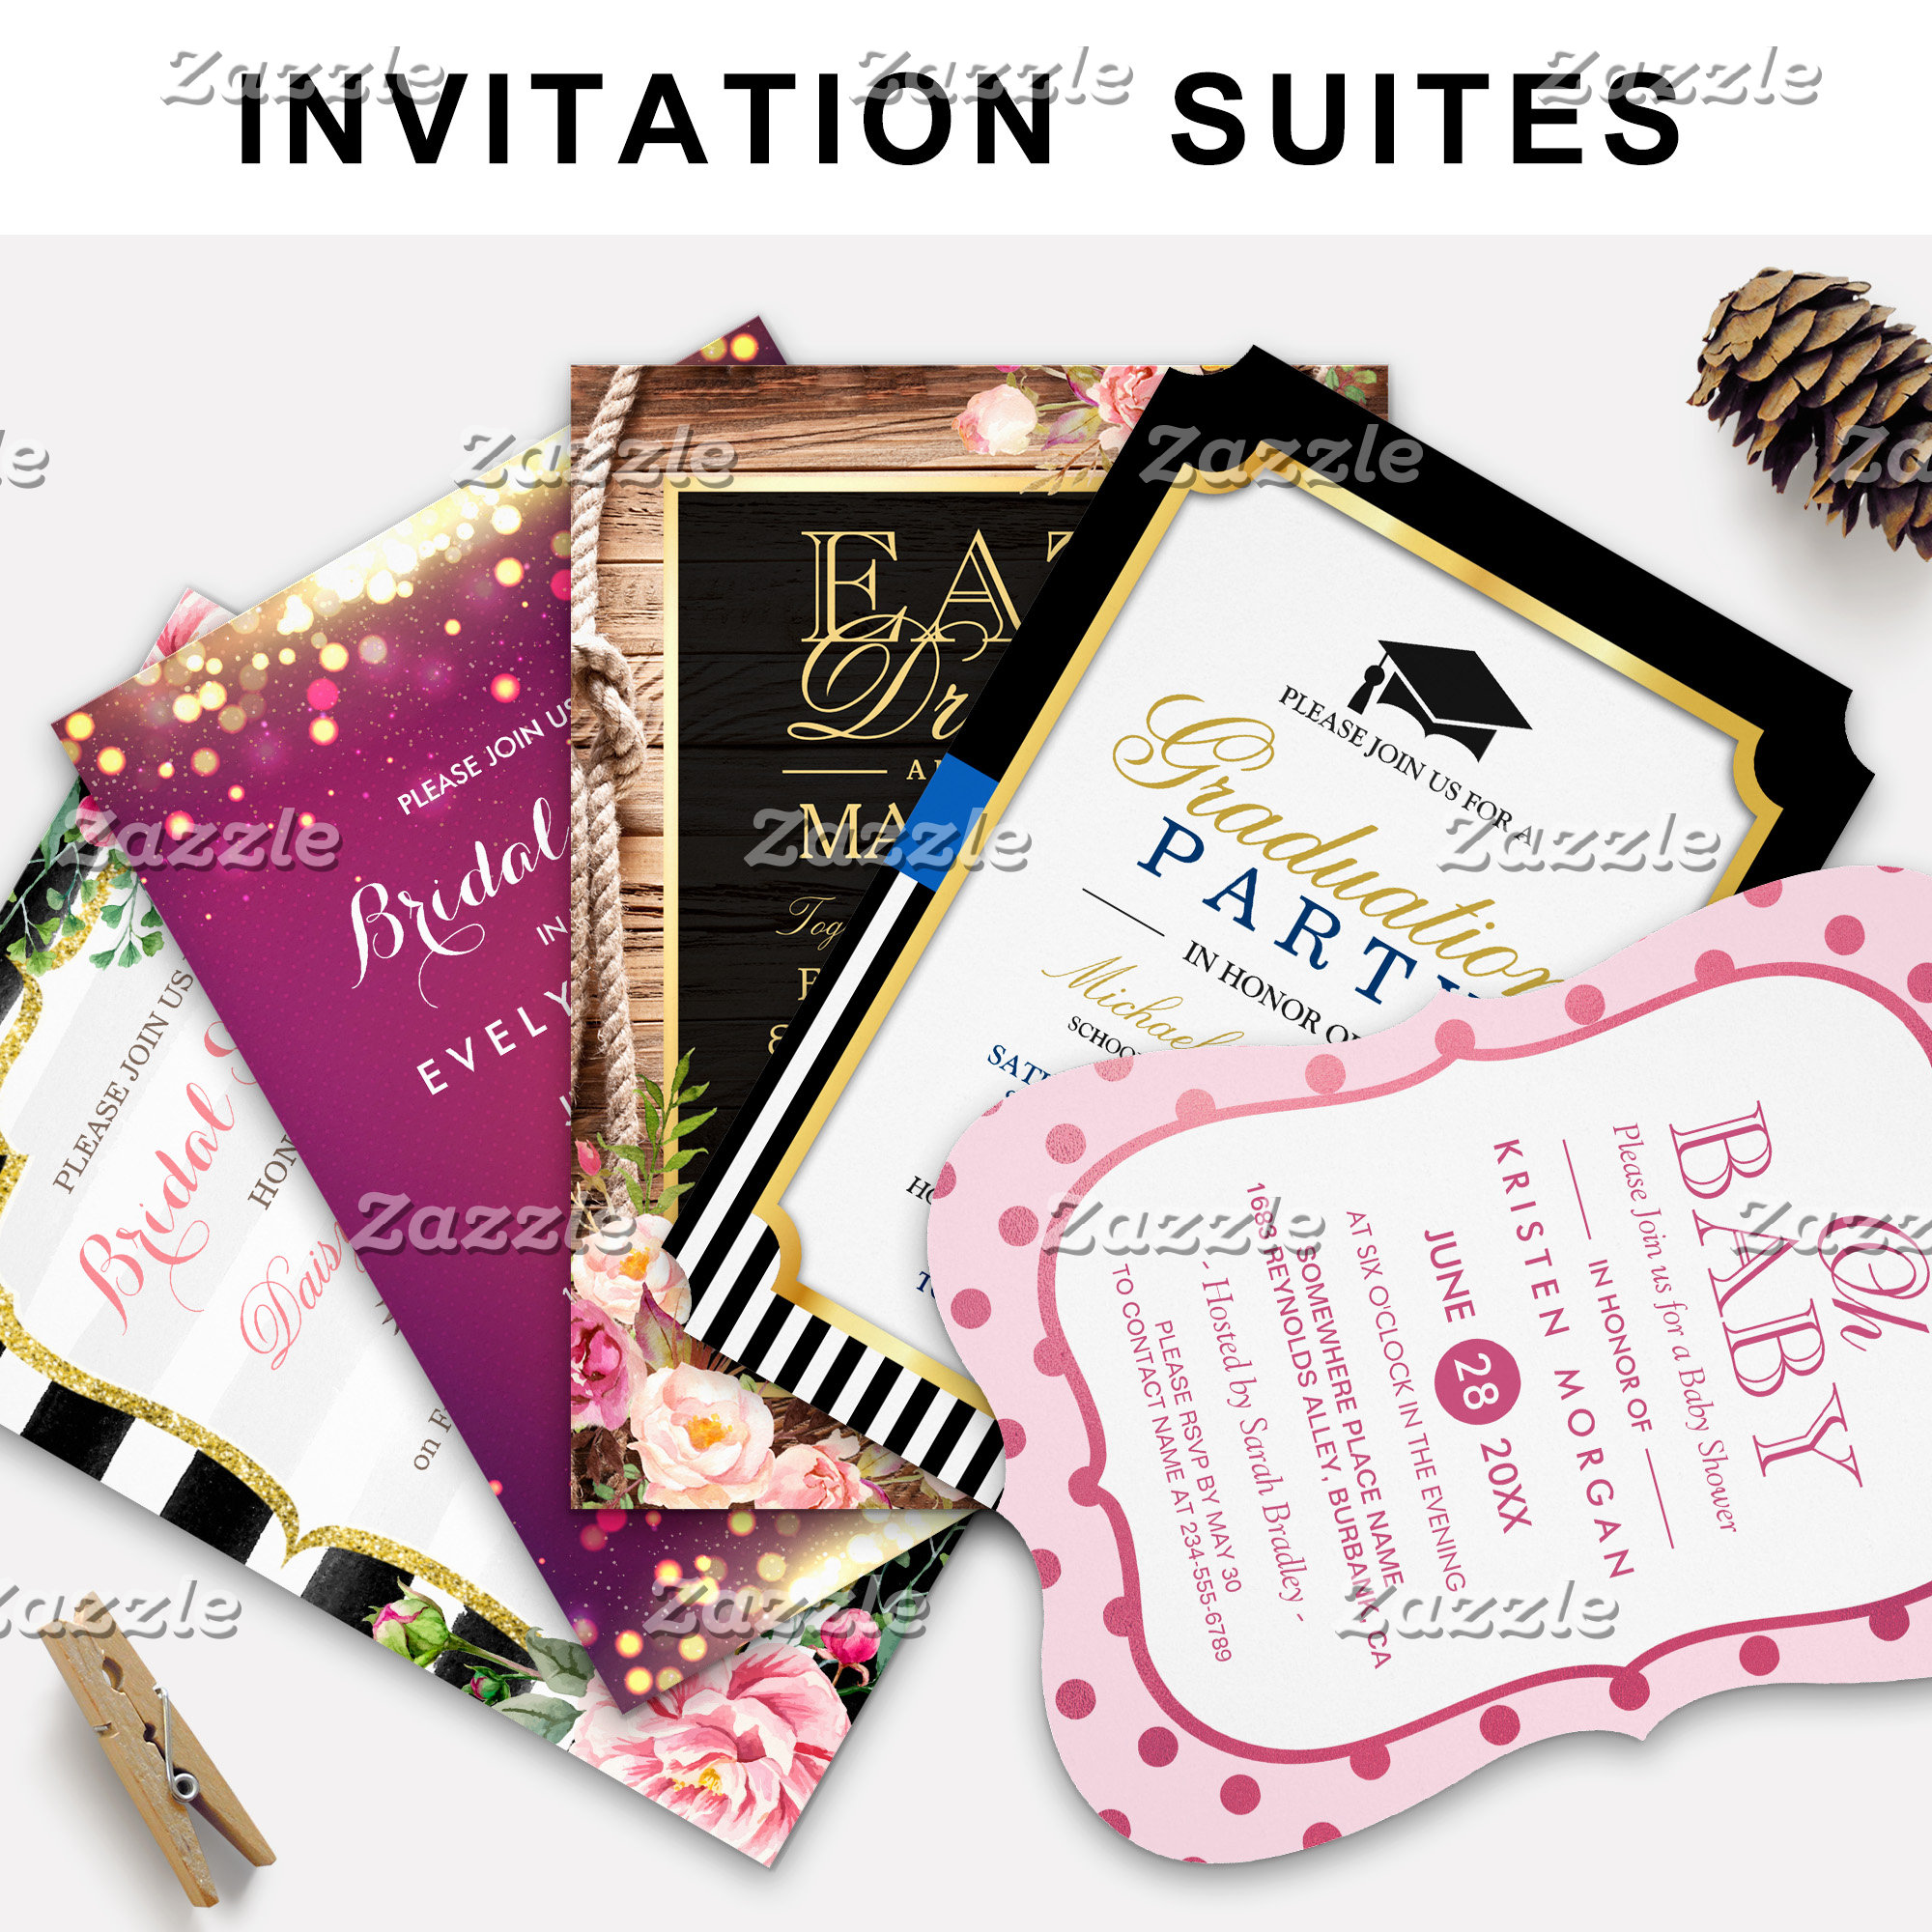 Invitation Suites